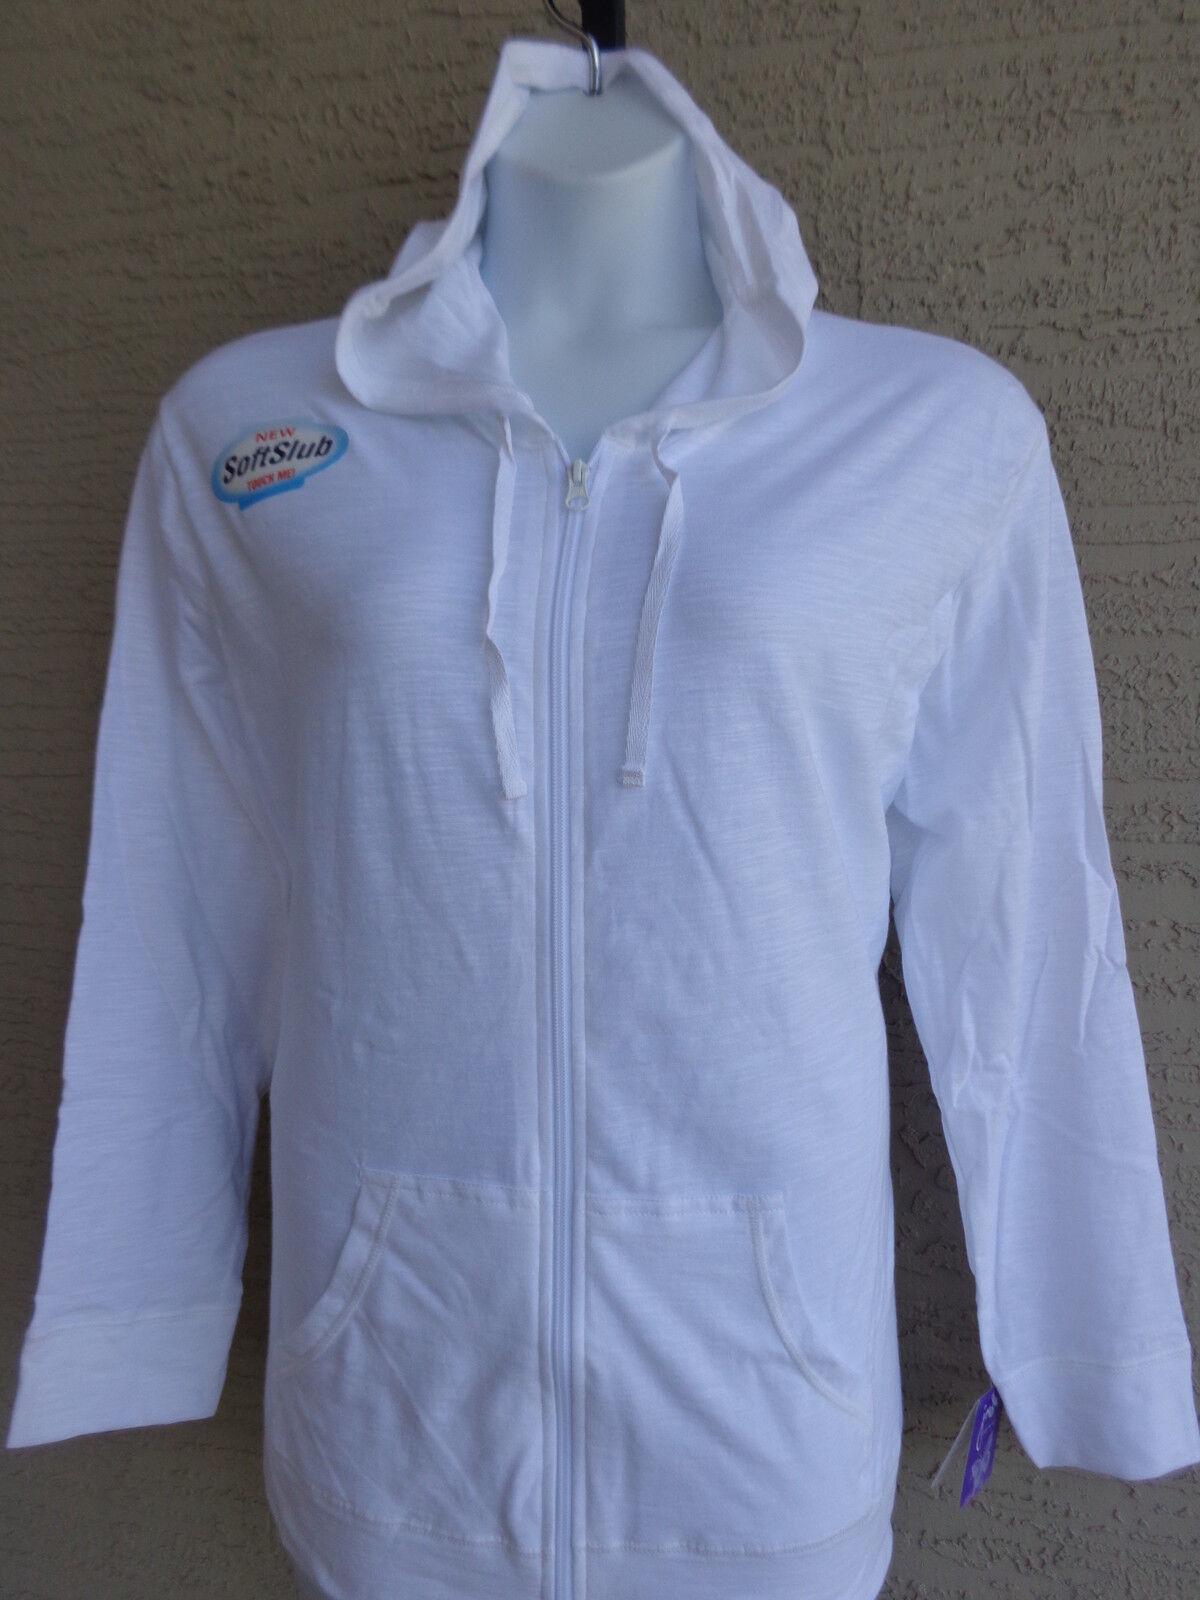 NWT Hanes Light Weight Slub Clotton Zip Up Hoddie Jacket XL